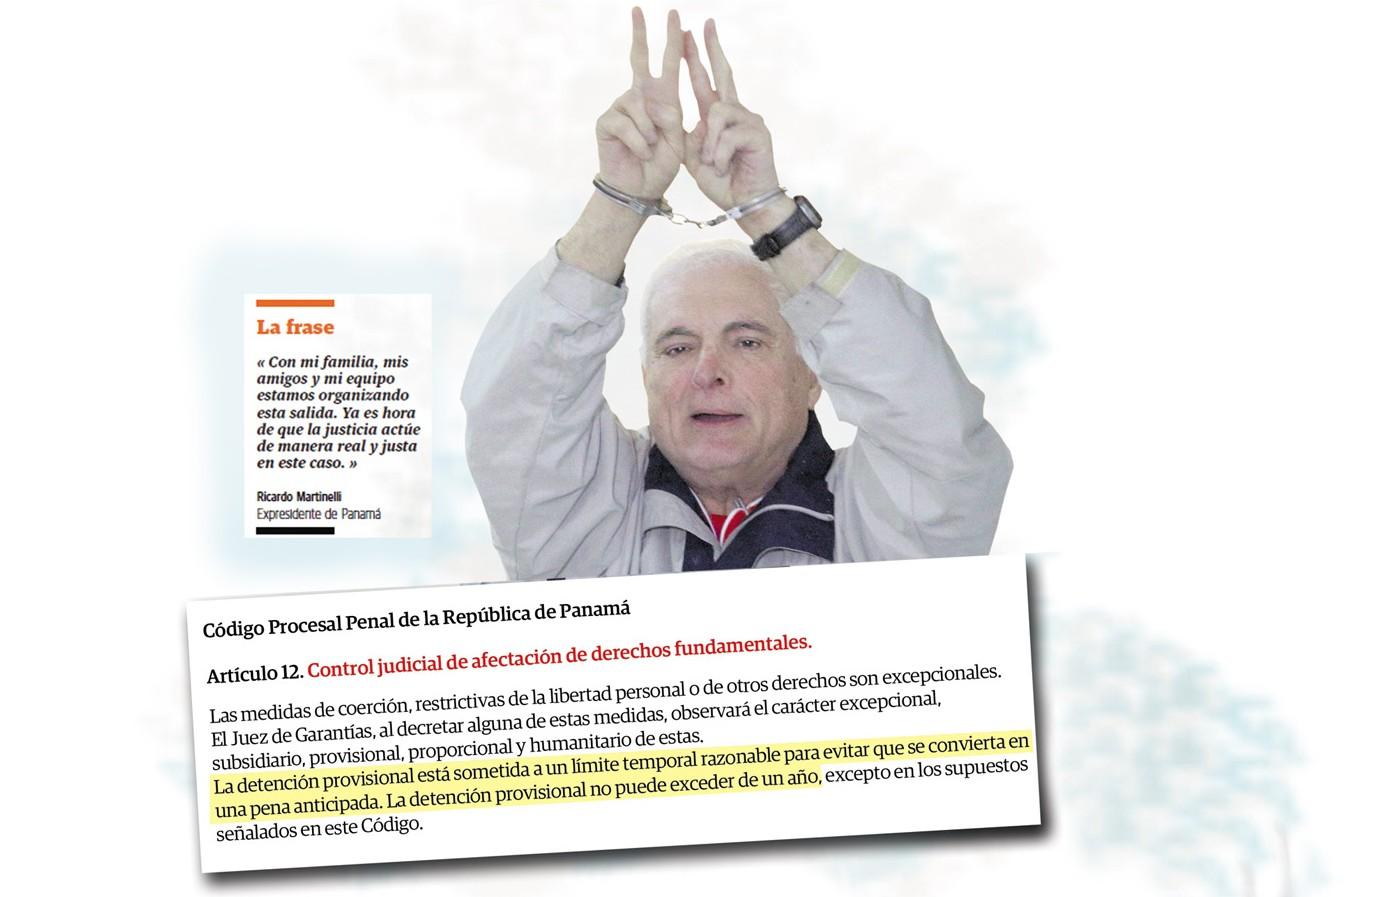 'Ley es clara: Ricardo Martinelli debe quedar libre'